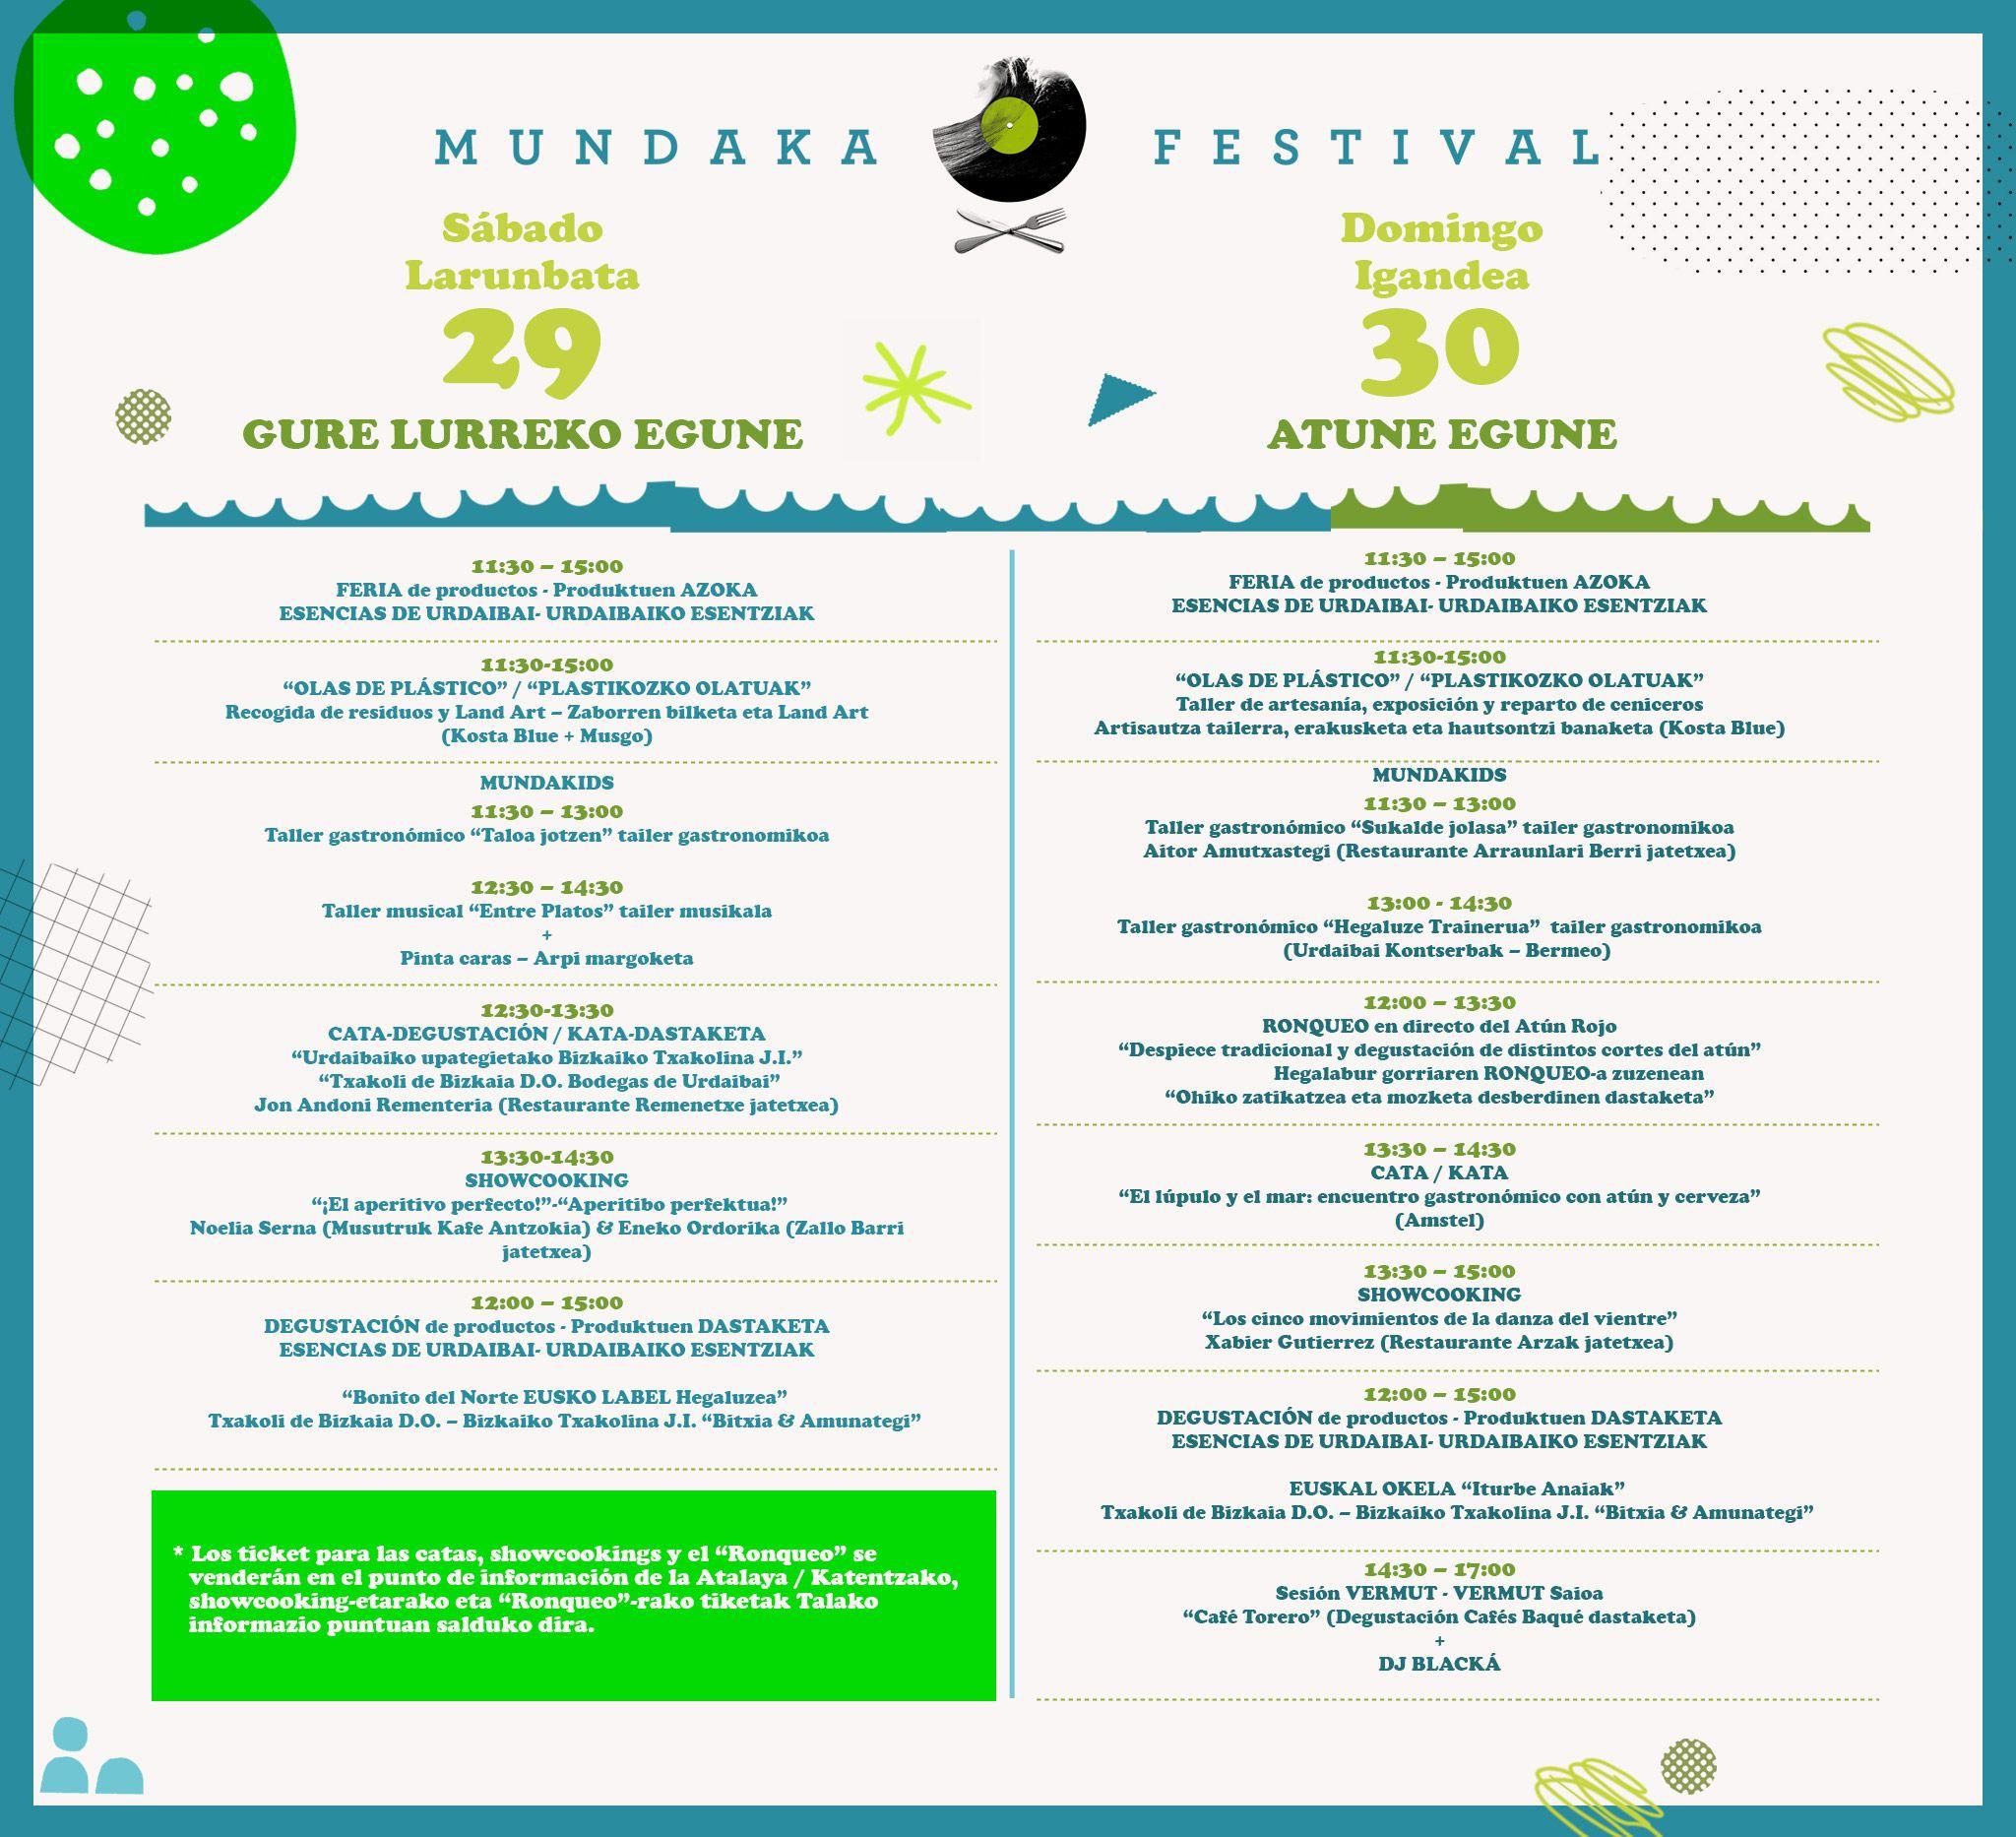 Mundaka-Festival-Información-Gastronómica